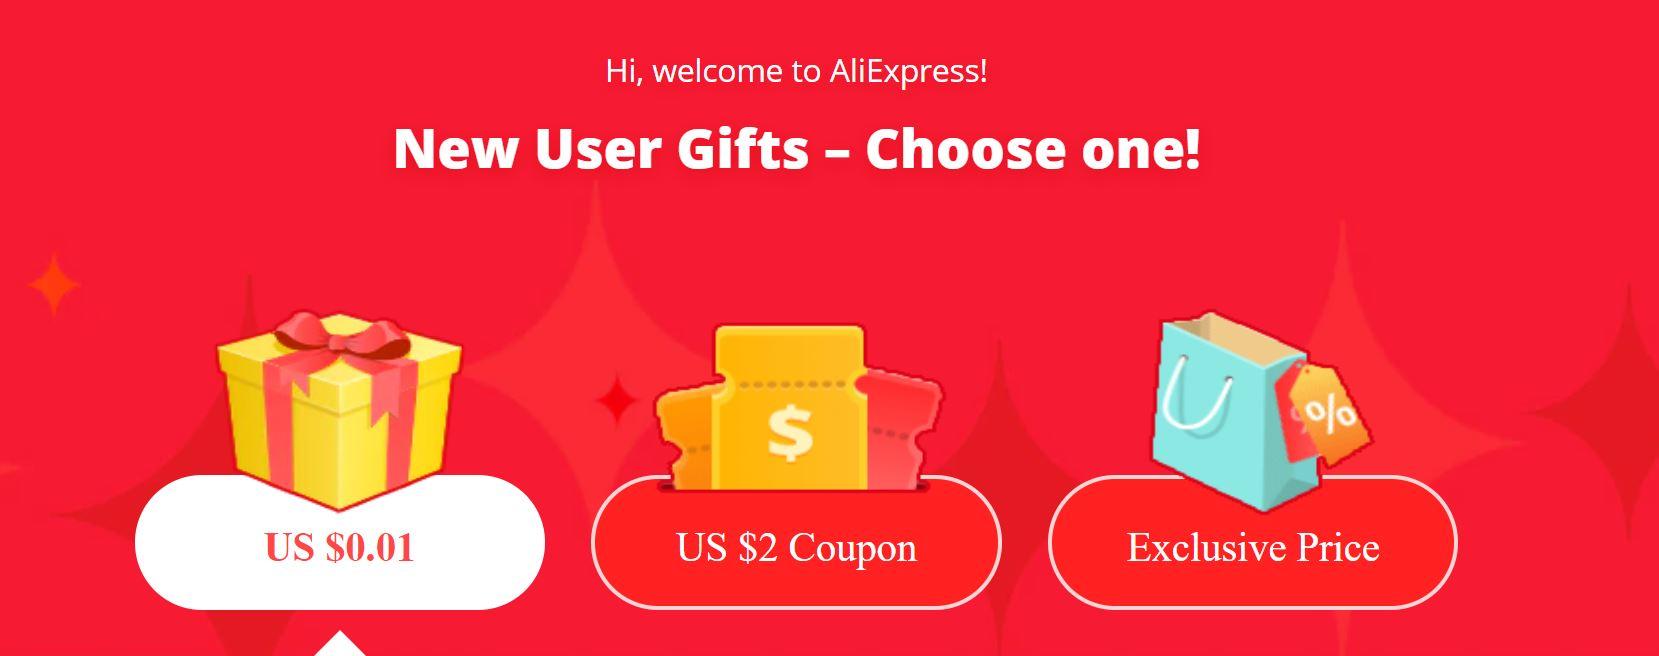 Promocja dla nowych użytkowników Aliexpress